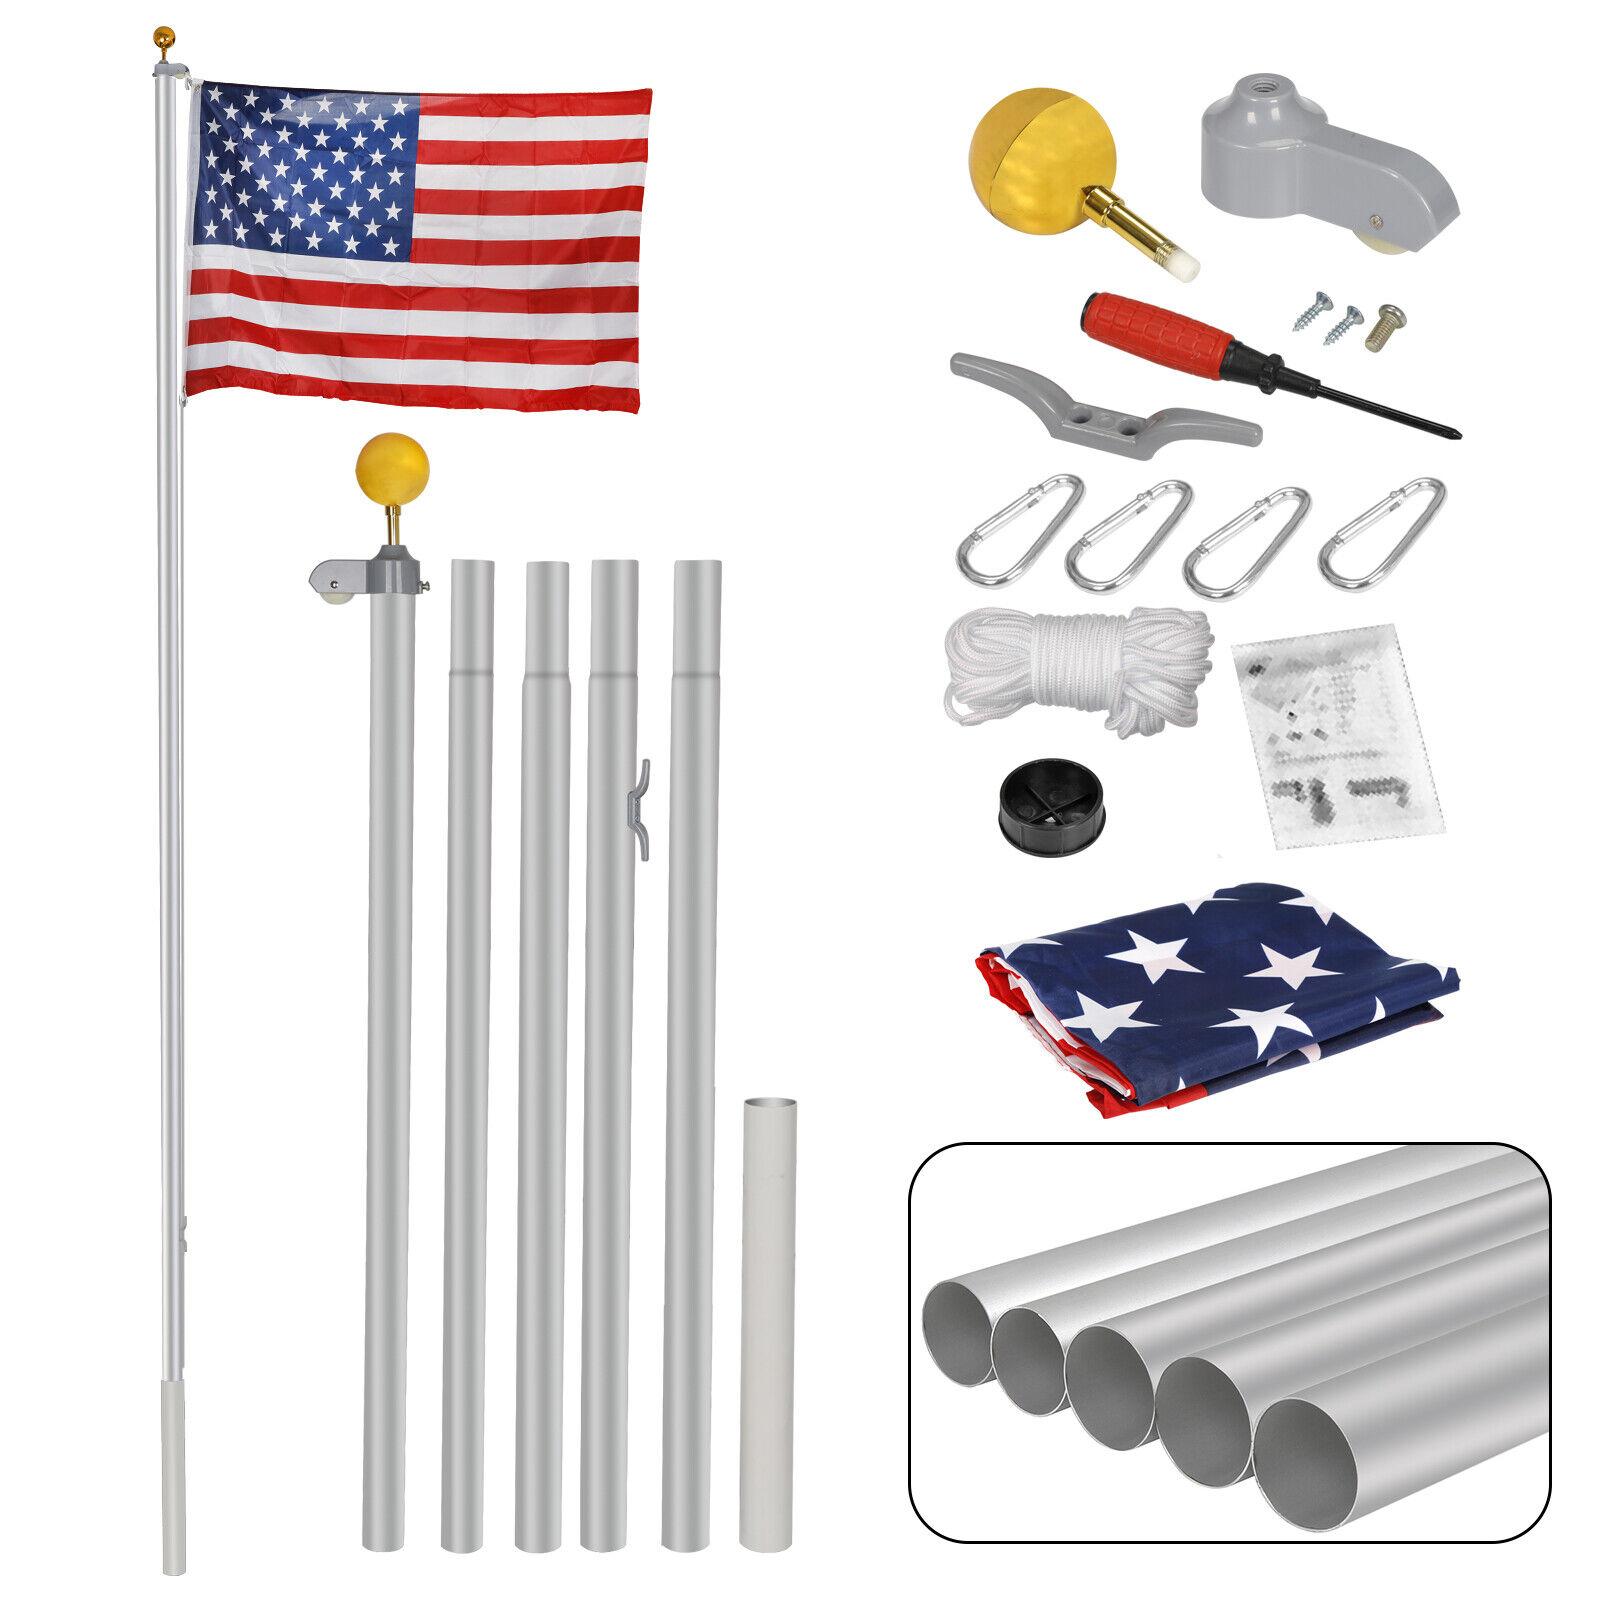 16FT Sectional Flag Pole Flagpole Halyard Pole 3'x5′ US Flag and Ball Top Kit Décor